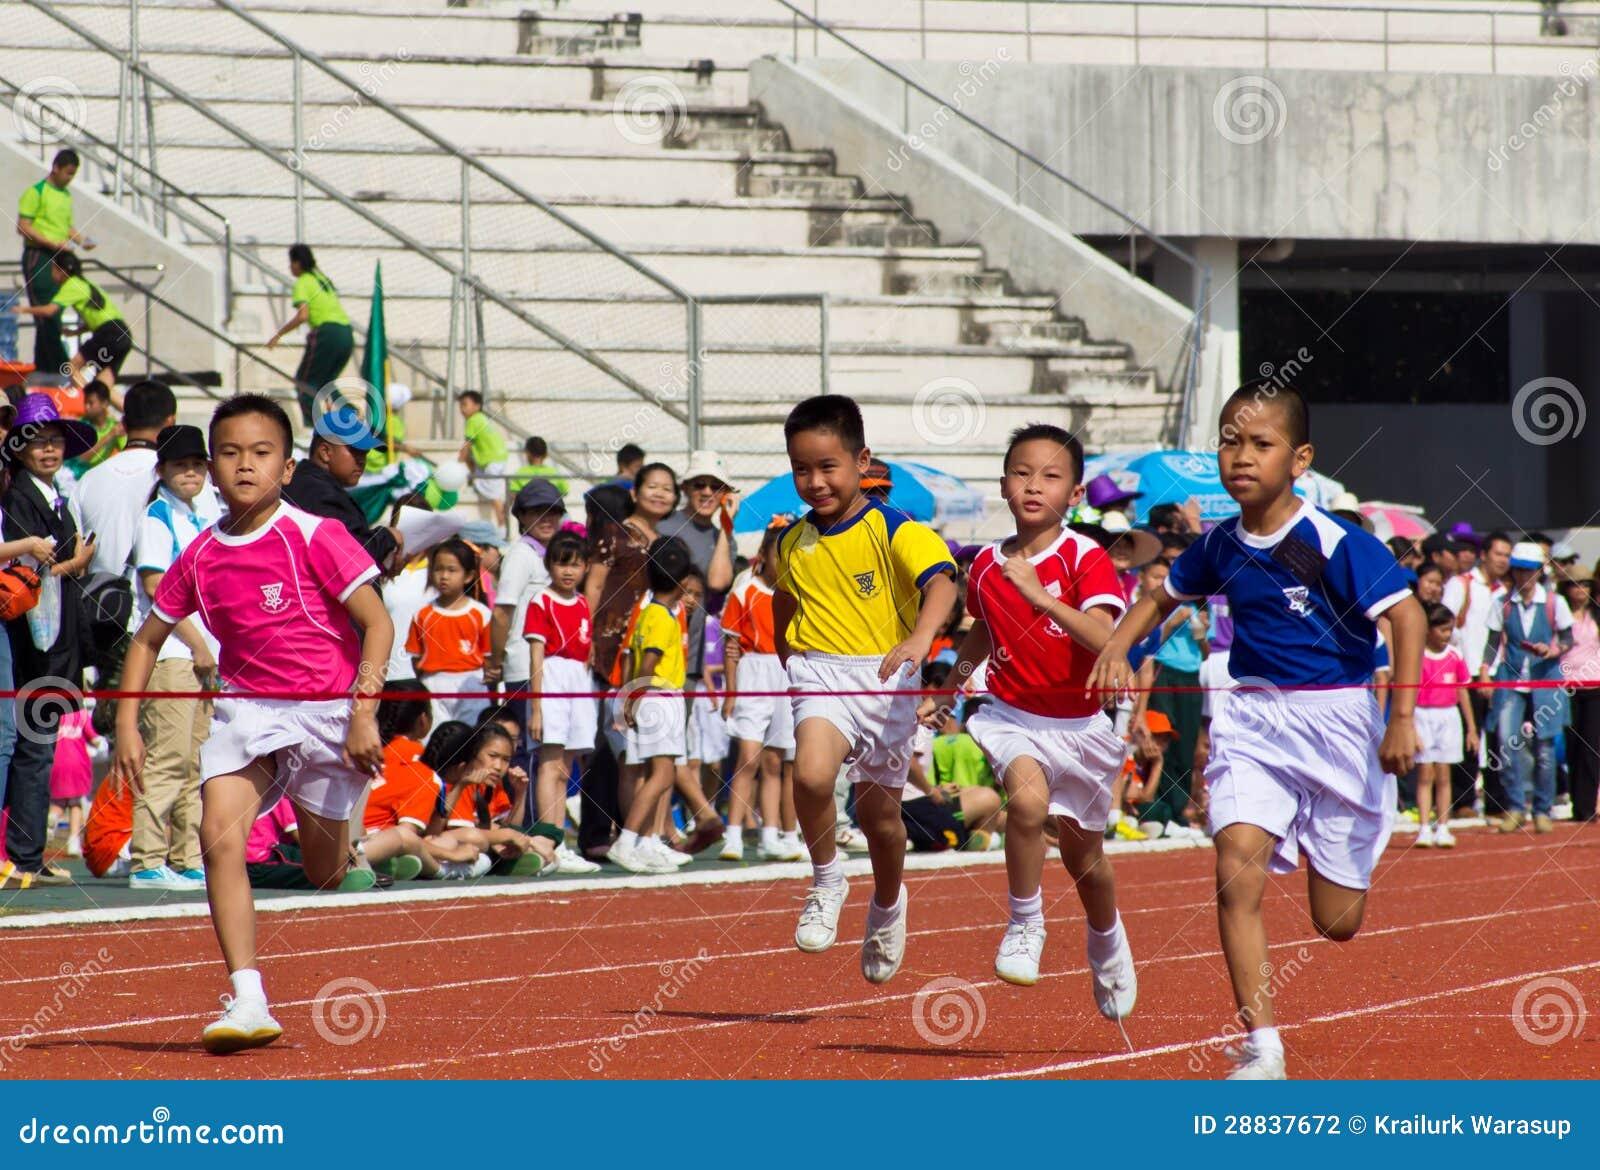 Das Ereignis des Kindersport-Tages